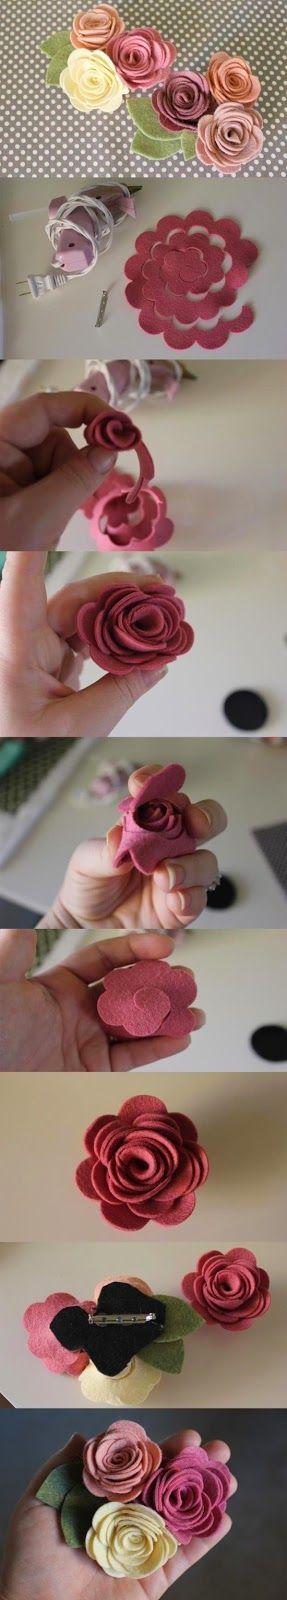 ARTE COM QUIANE - Paps,Moldes,E.V.A,Feltro,Costuras,Fofuchas 3D: presilha de flores de feltro passo a passo